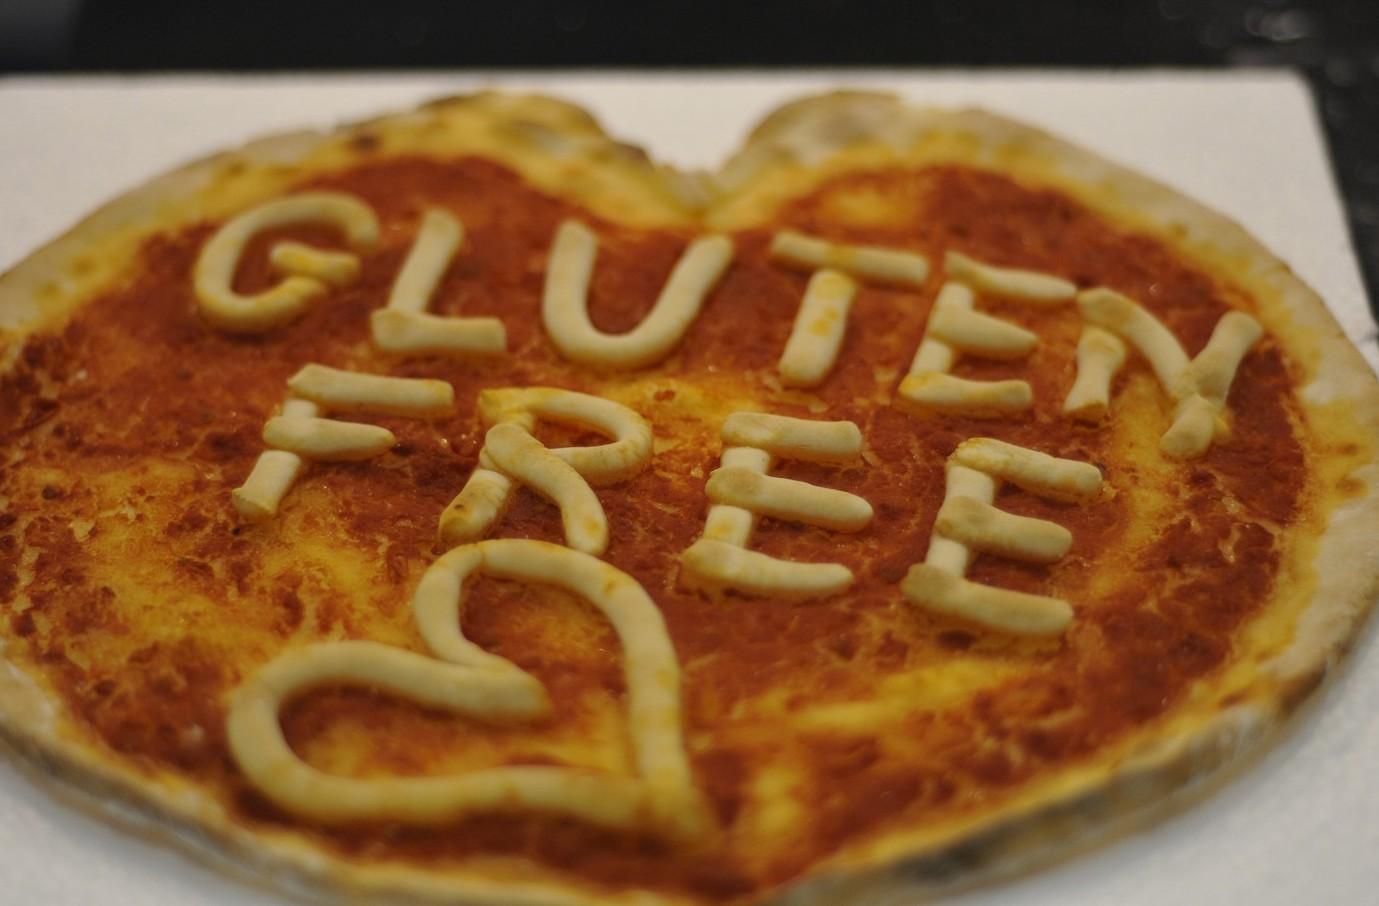 Cibi gluten free: non fanno male, benefi